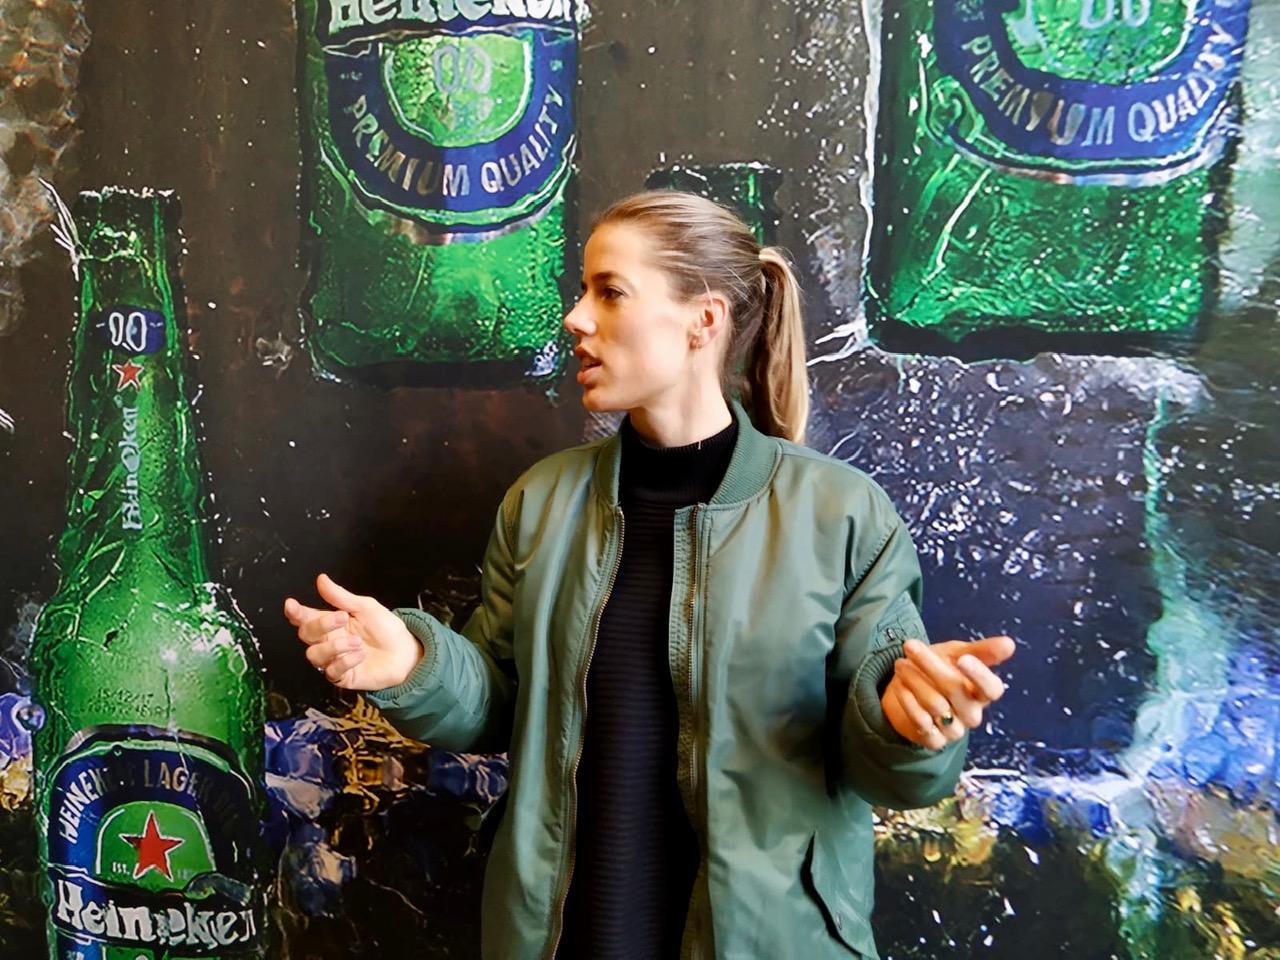 Terug van weggeweest Elsemiek Groen: 'je mag op jonge leeftijd best wat aardiger voor jezelf zijn'